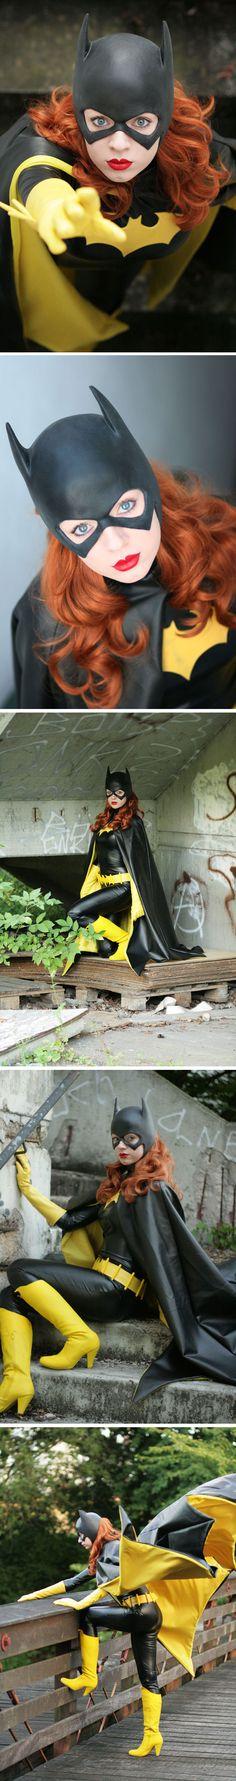 Batgirl   http://knightess-rouge.deviantart.com/gallery/39164892